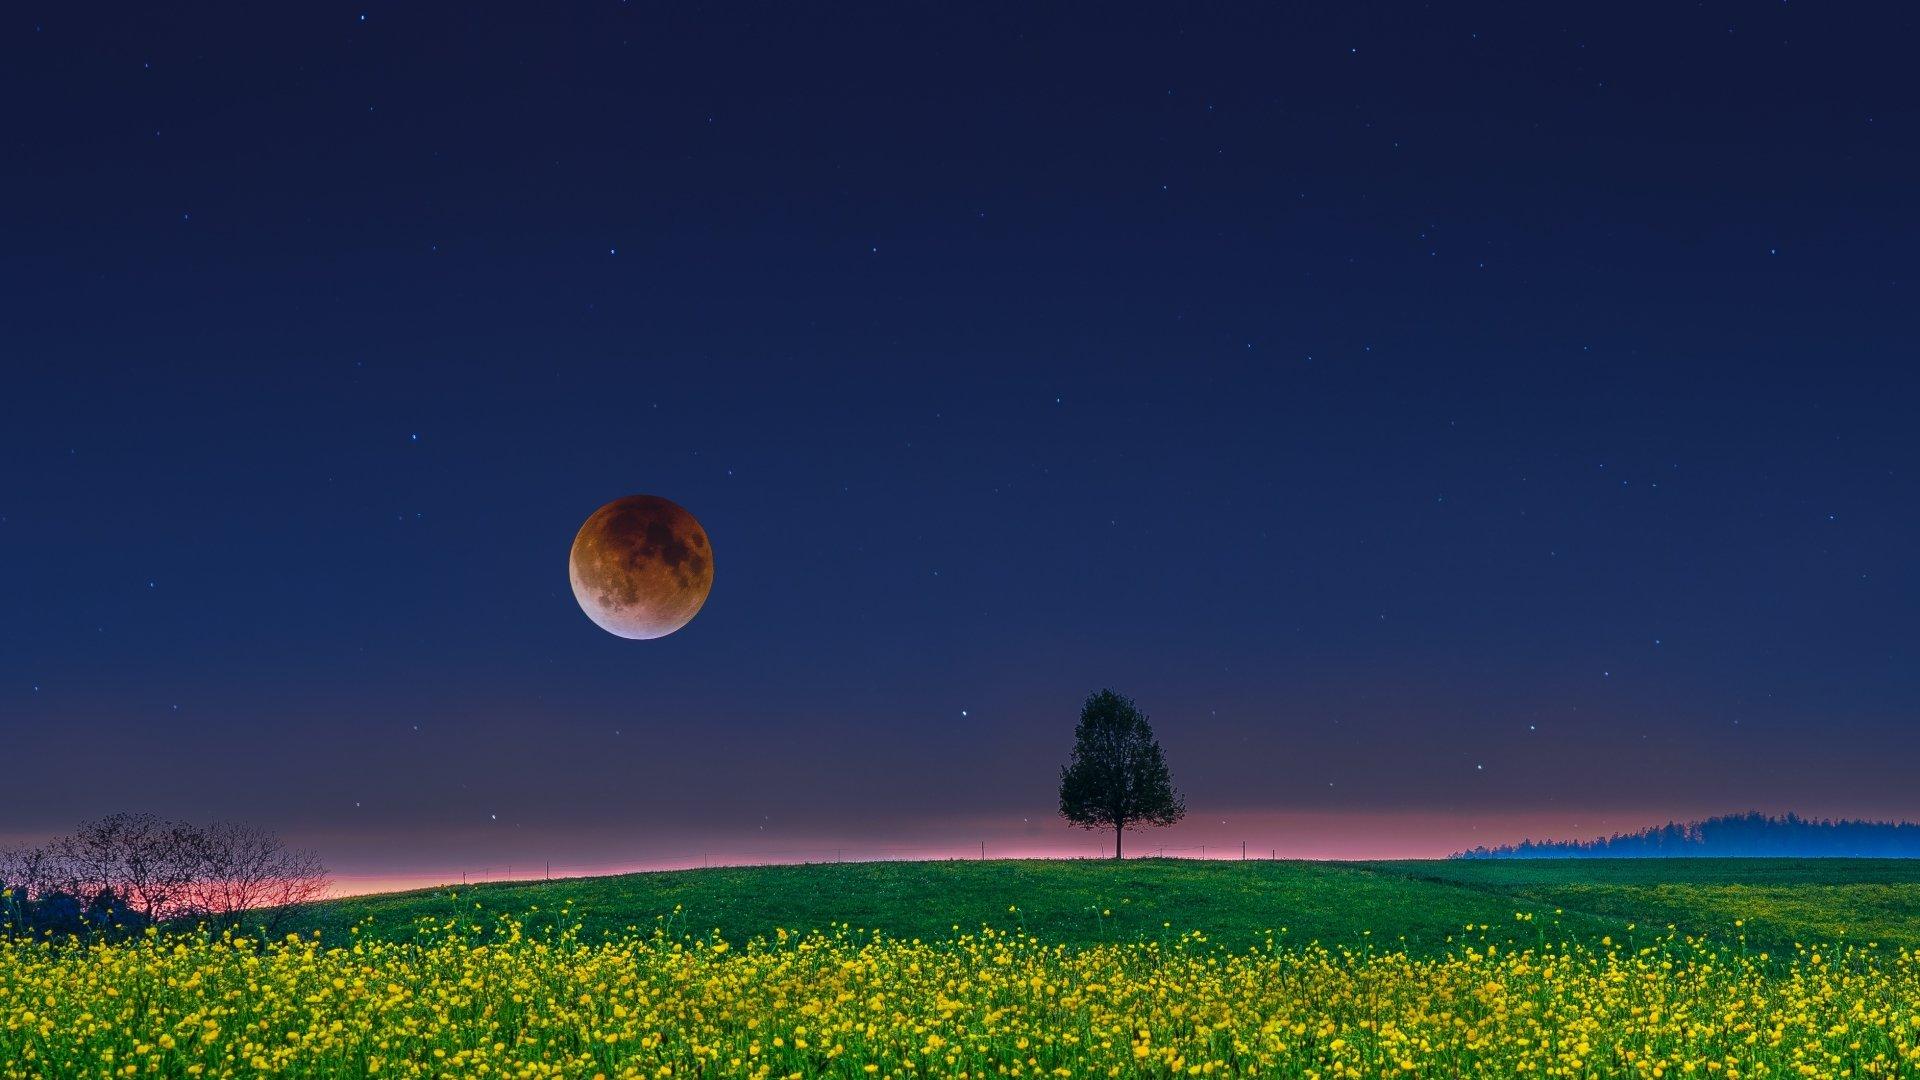 Artistique - Fantaisie  Artistique Champ Arbre Lonely Tree Lune Full Moon Fond d'écran